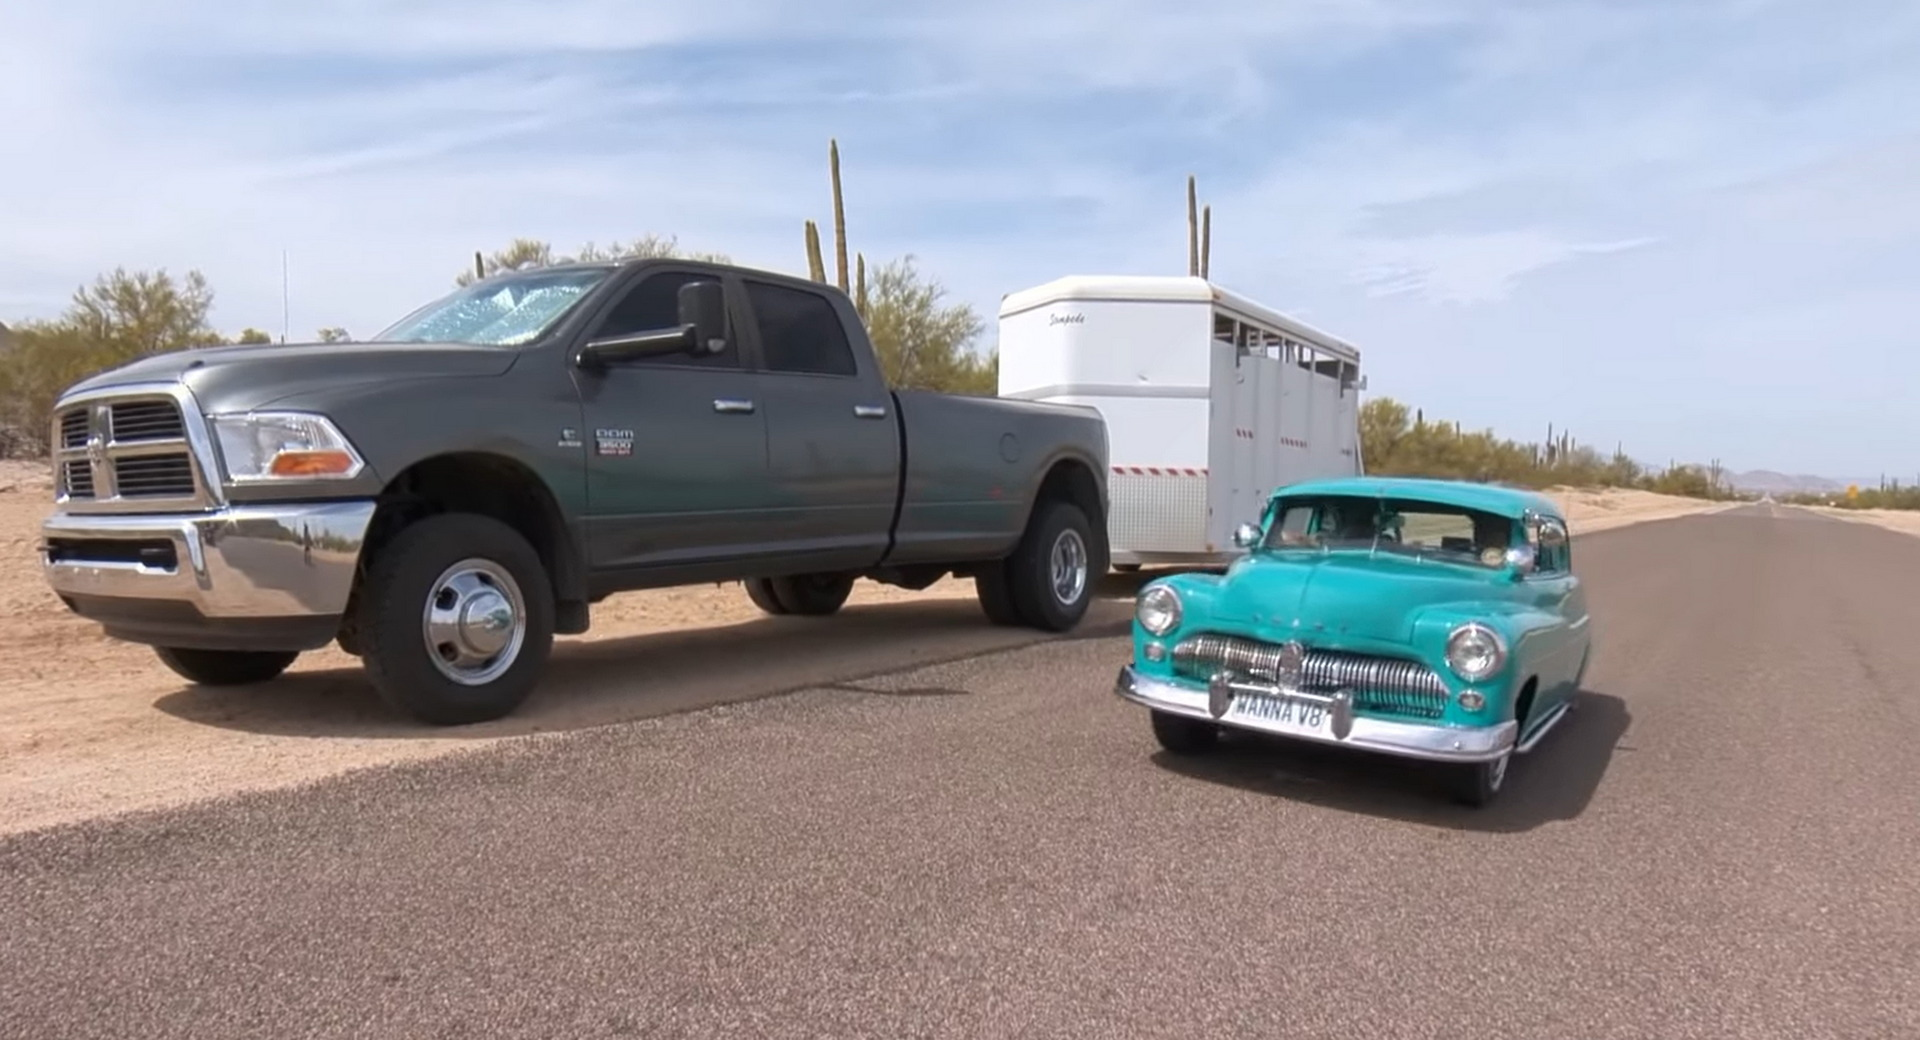 Умелец собирает мини-копии популярных авто из старых холодильников (фото, видео) 2